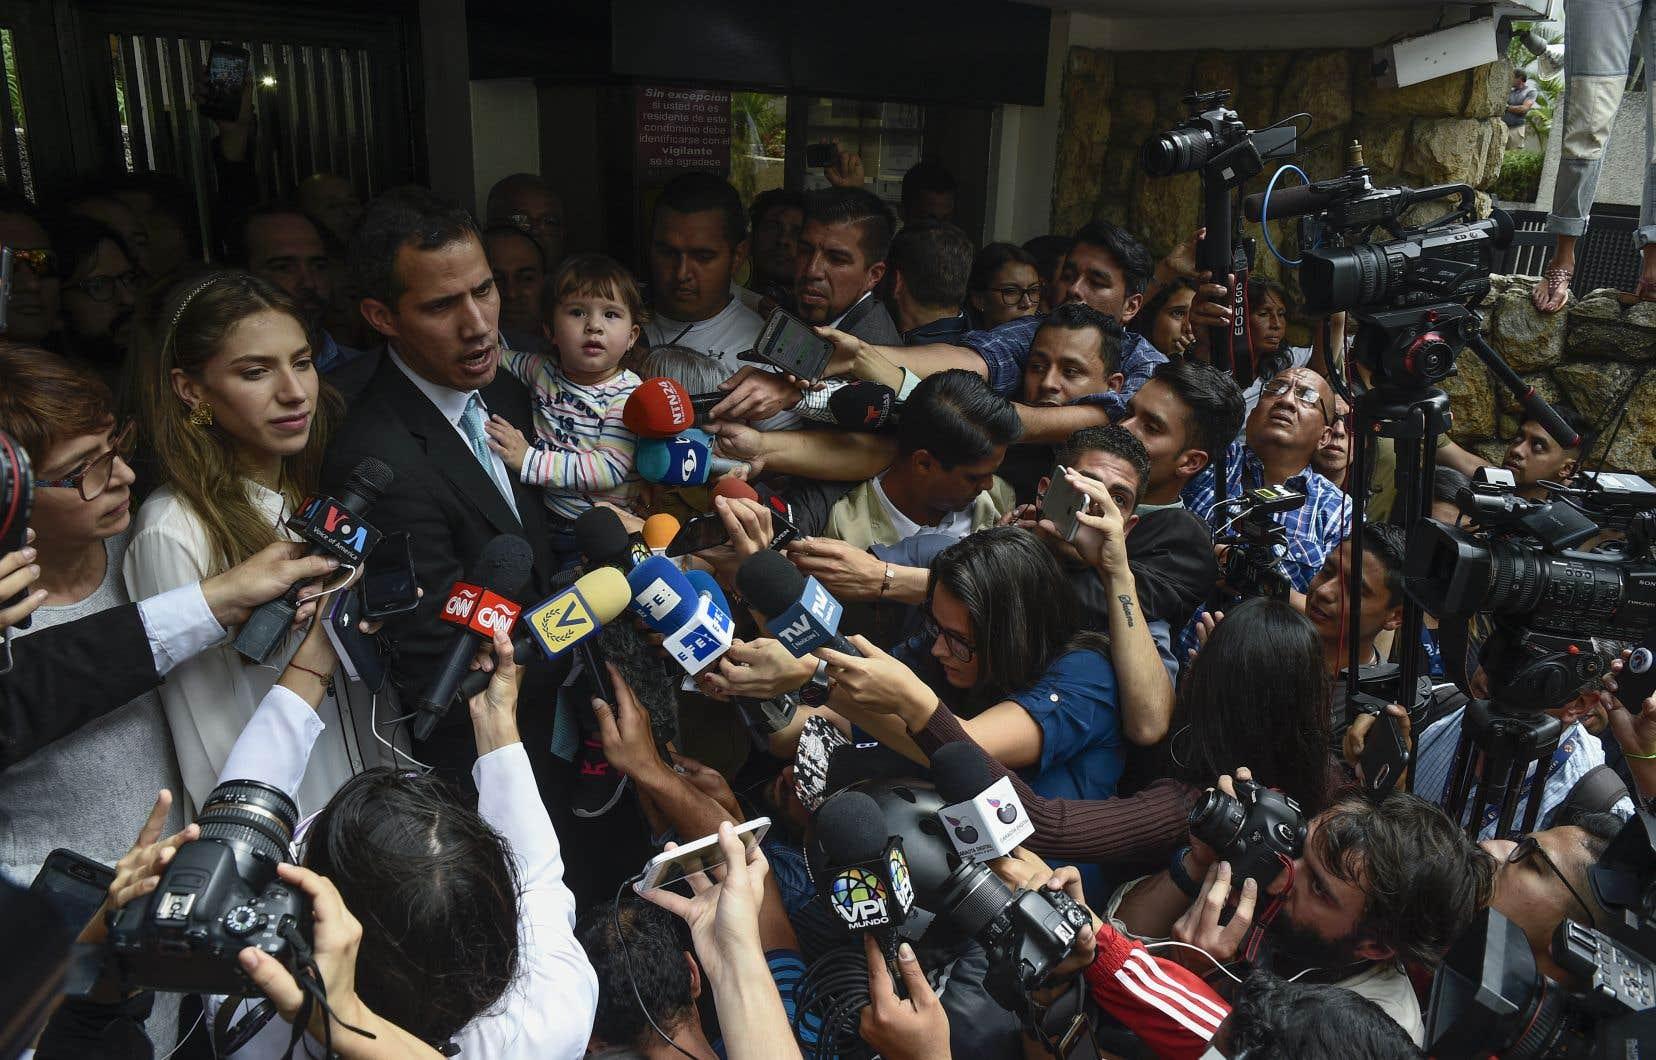 Juan Guaidó a prévenu vendredi qu'il était prêt à d'éventuelles négociations, mais seulement si le départ de l'actuel chef de l'État Nicolás Maduro était dans la balance.